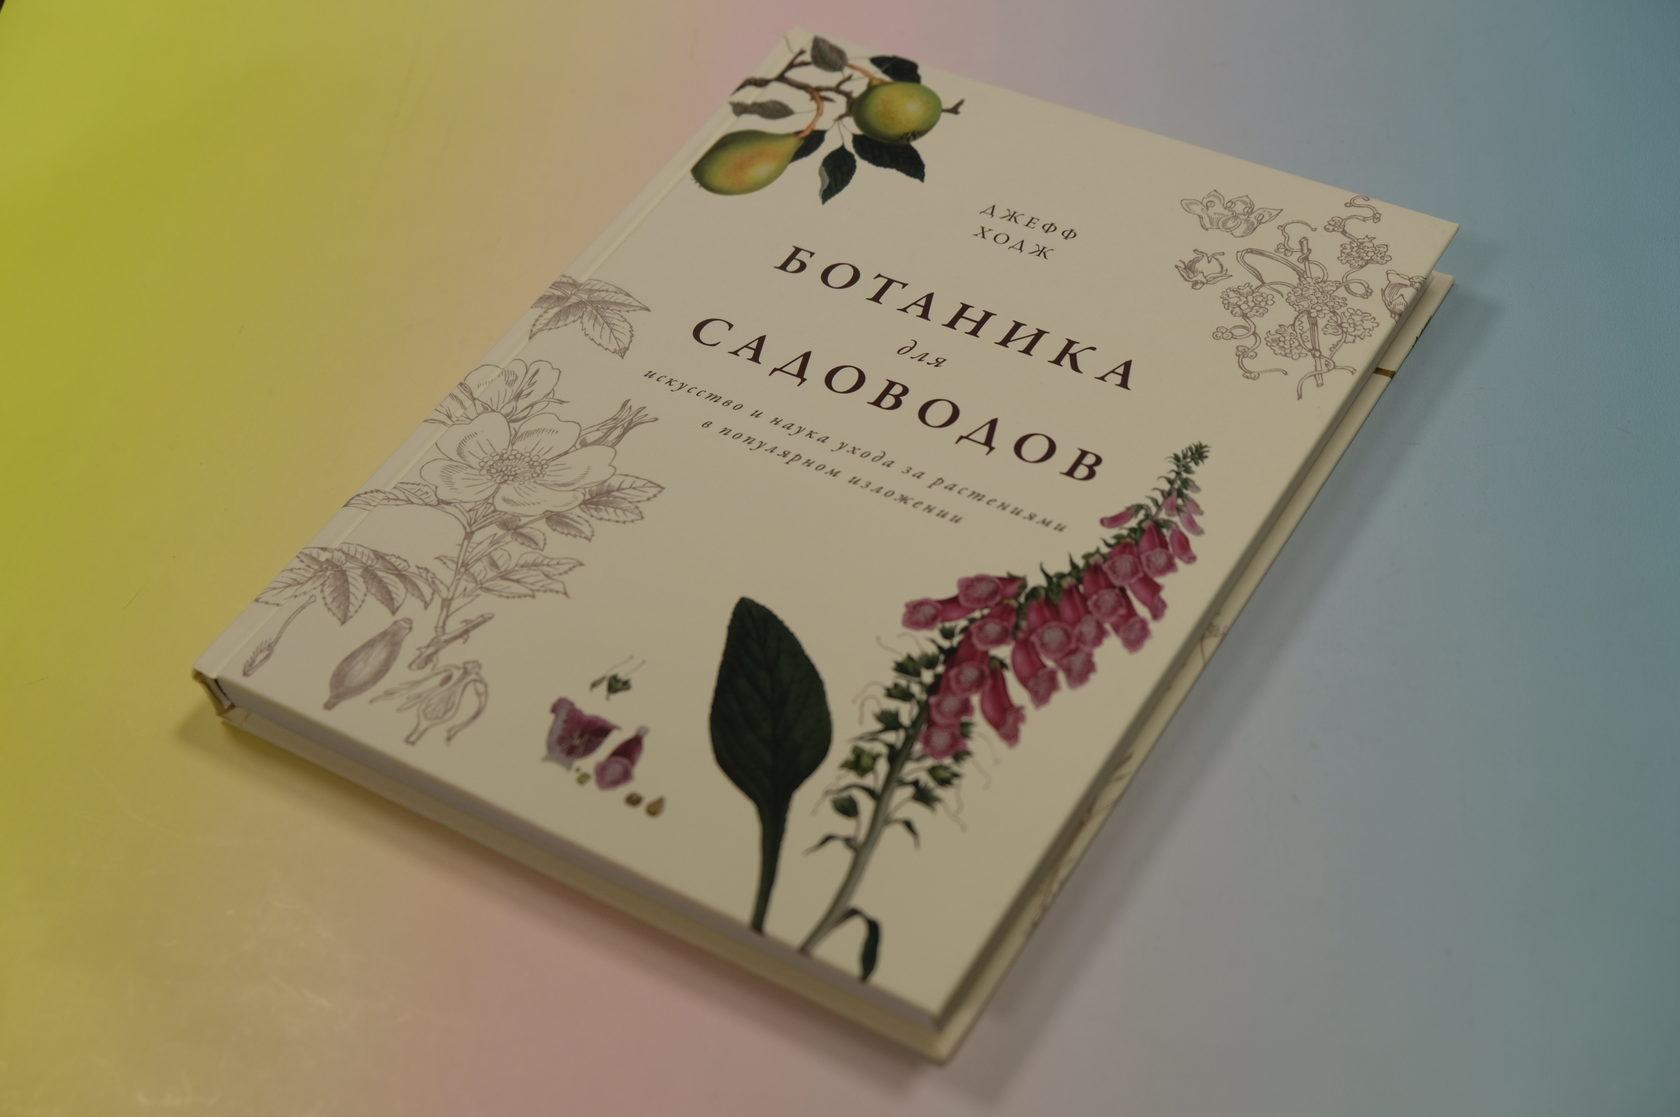 Джефф Ходж «Ботаника для садоводов» 978-5-389-13415-7